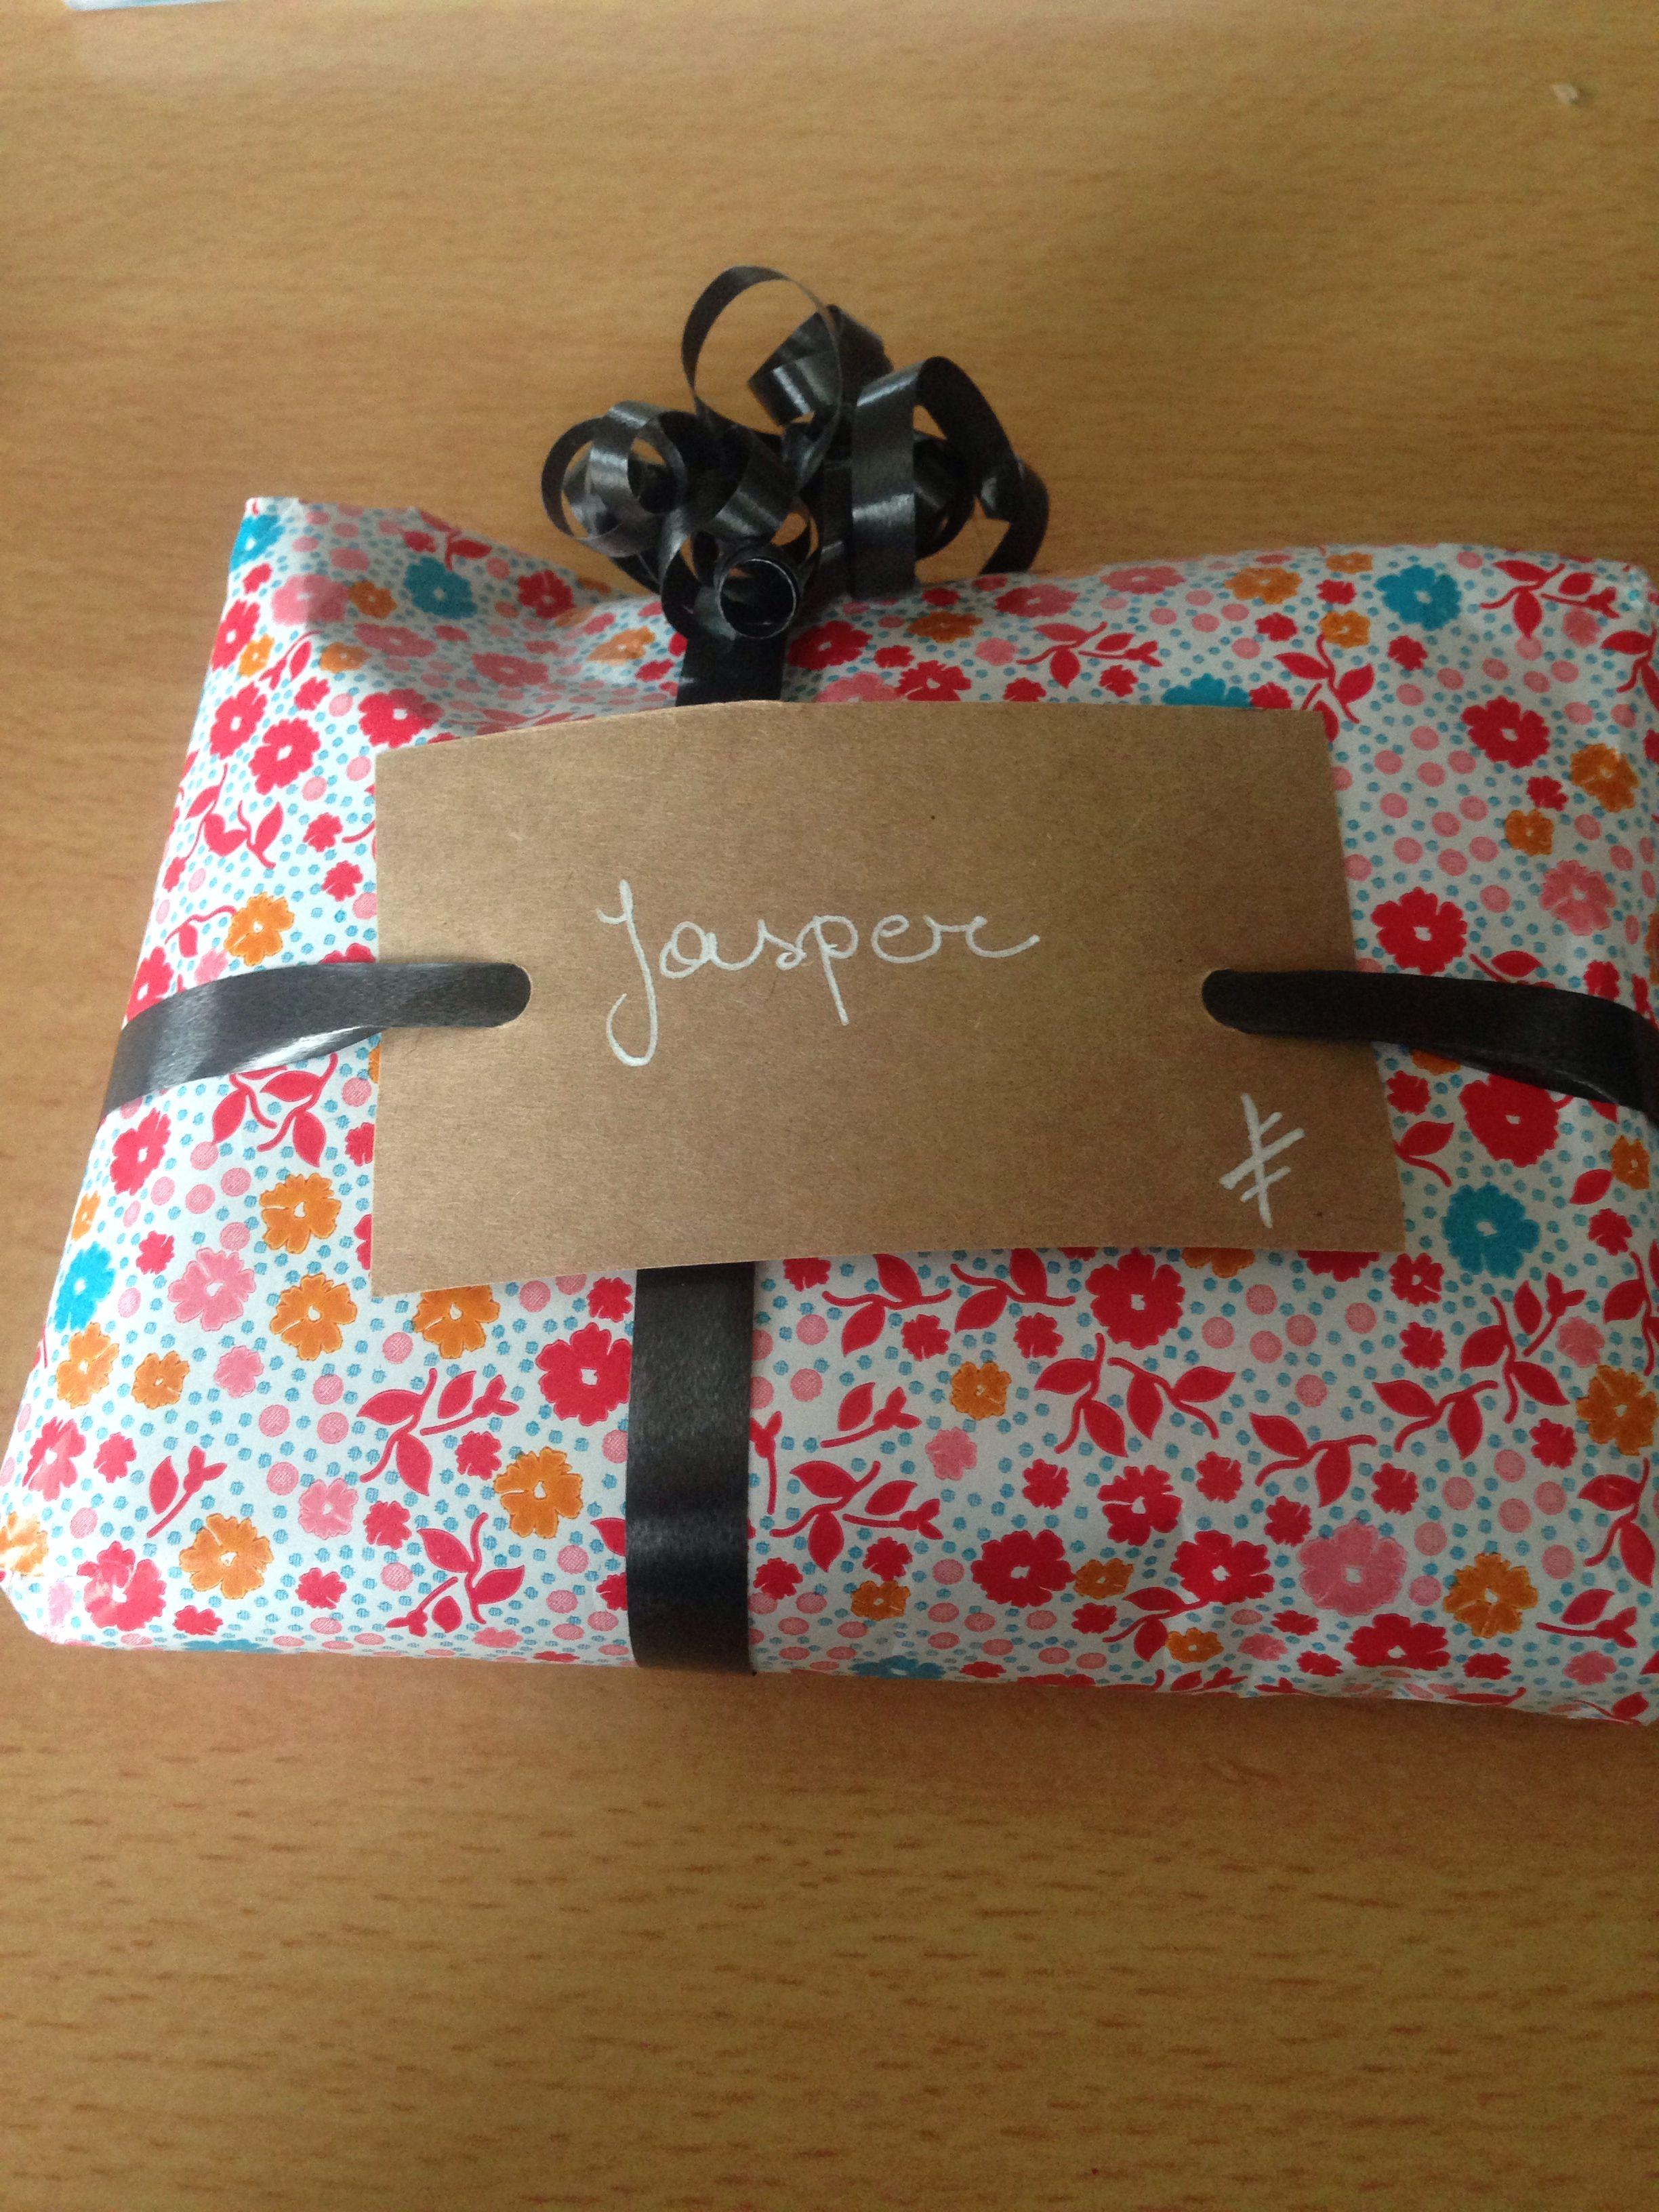 Cadeau voor Jasper #zelfgemaakt